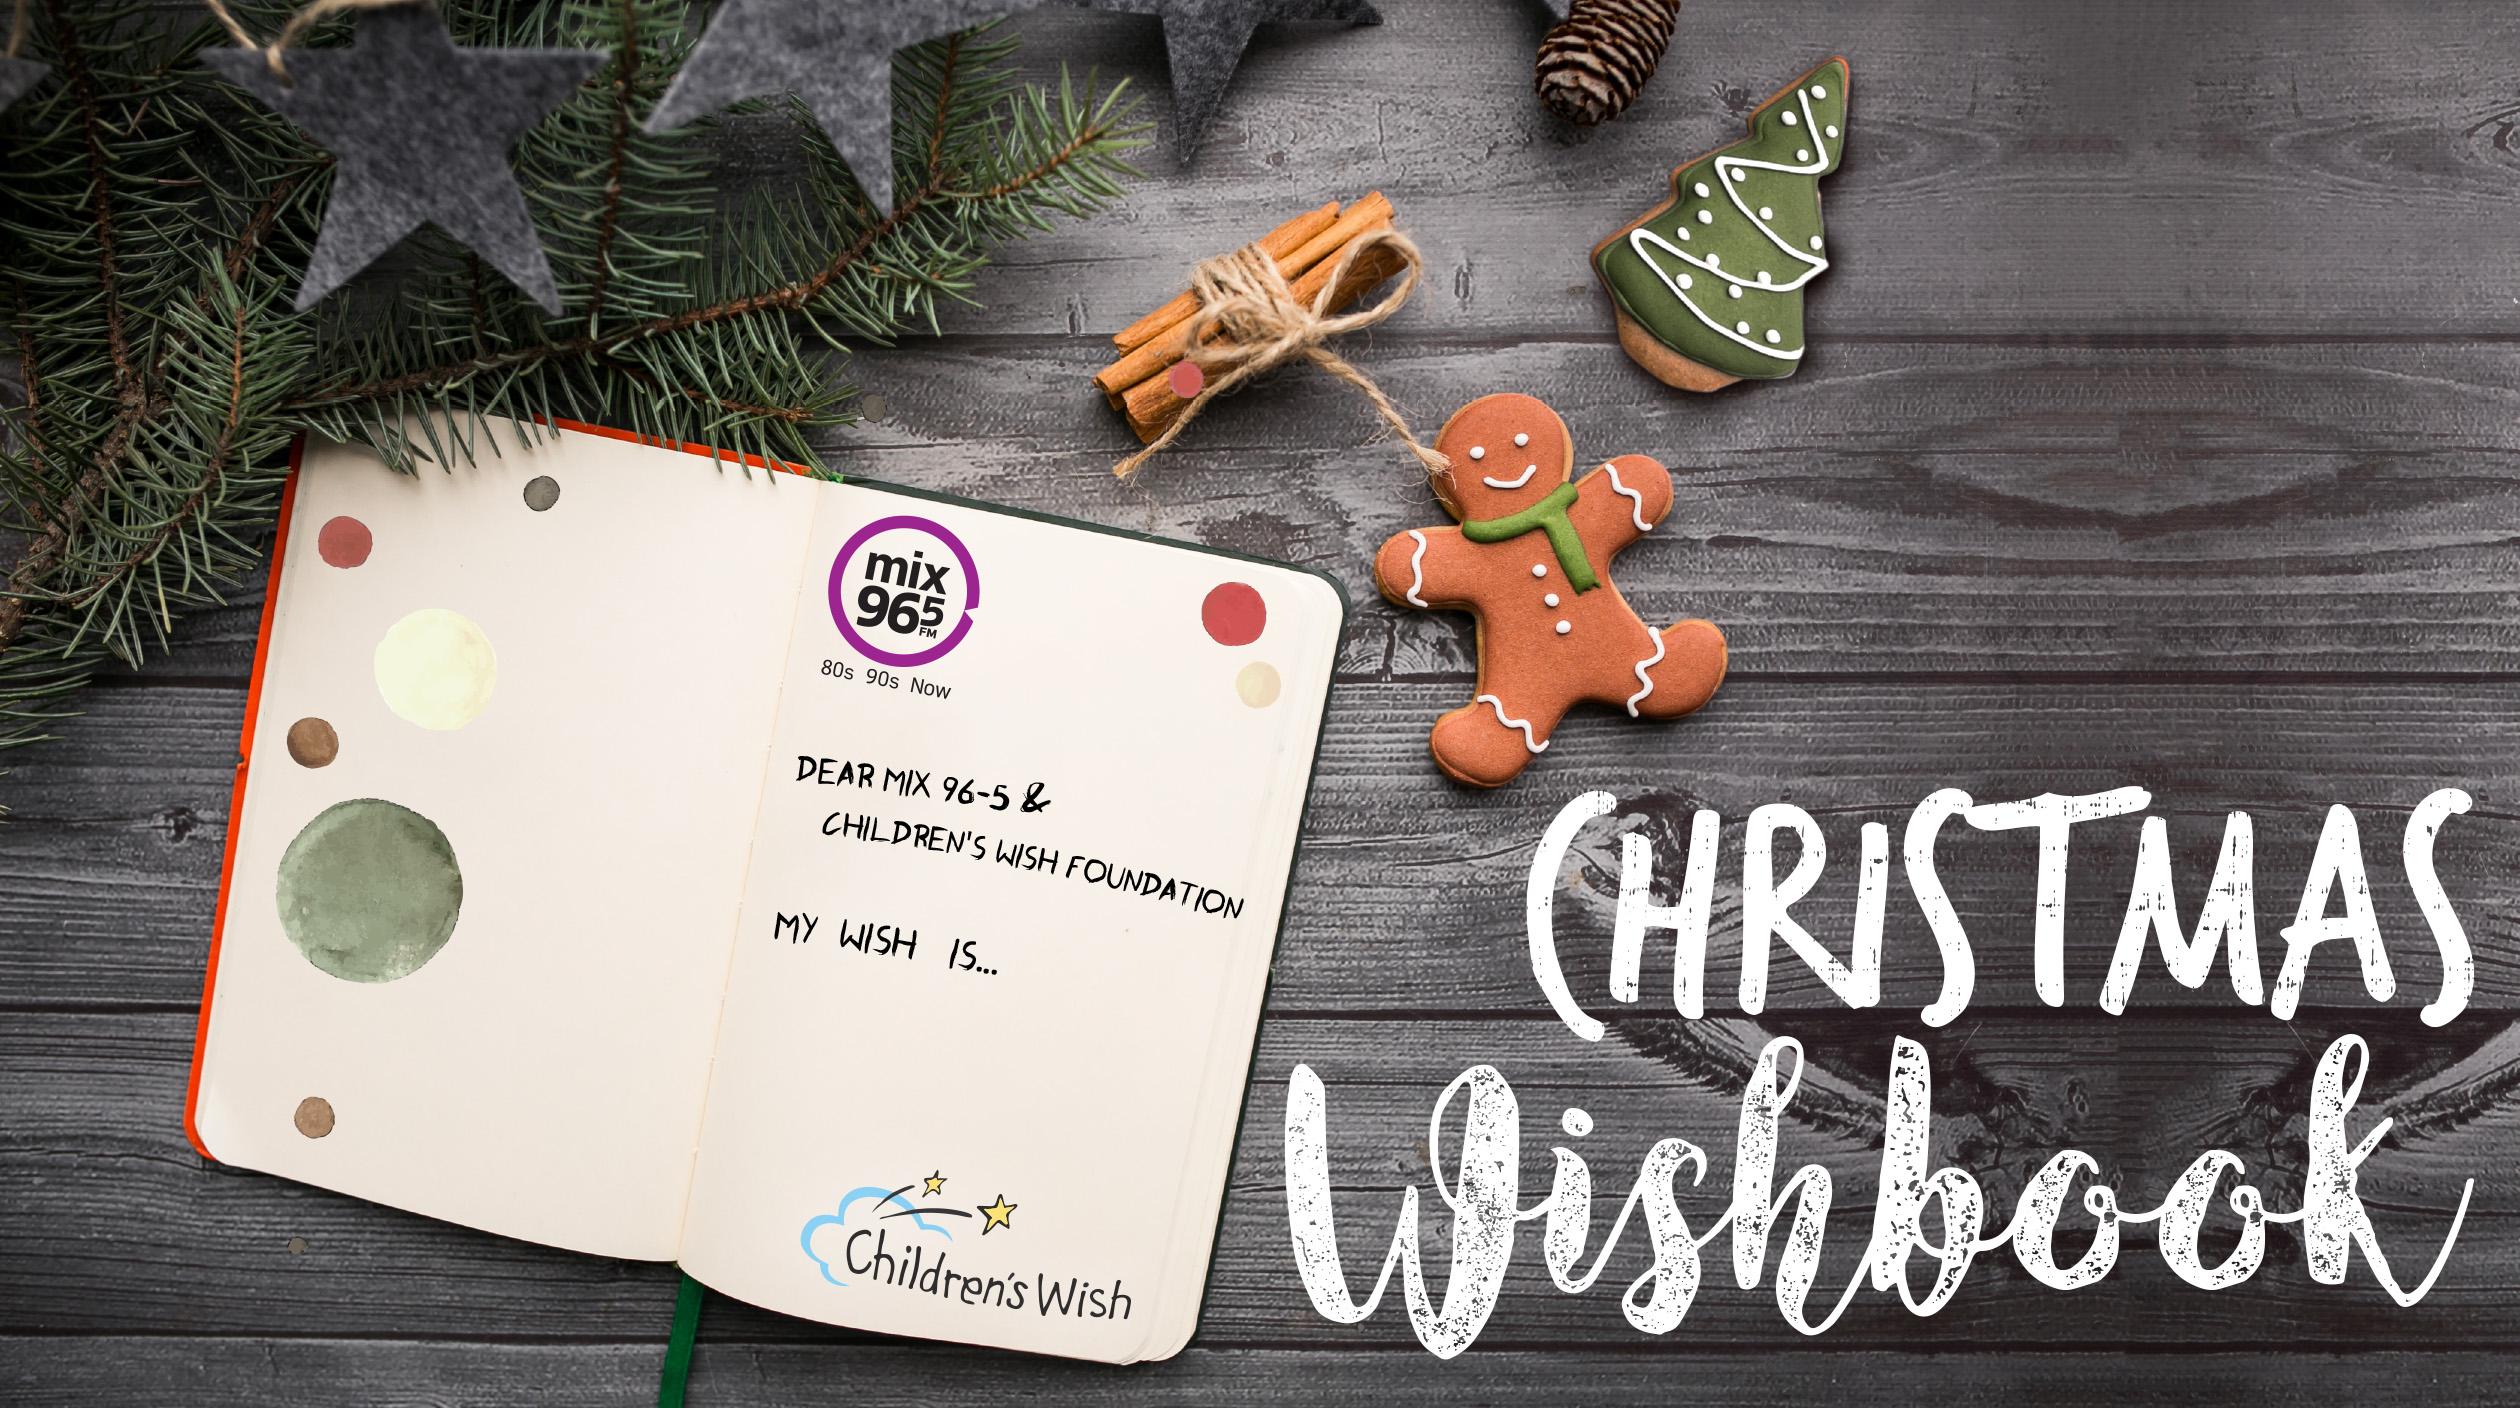 Mix 96-5 Christmas Wishbook